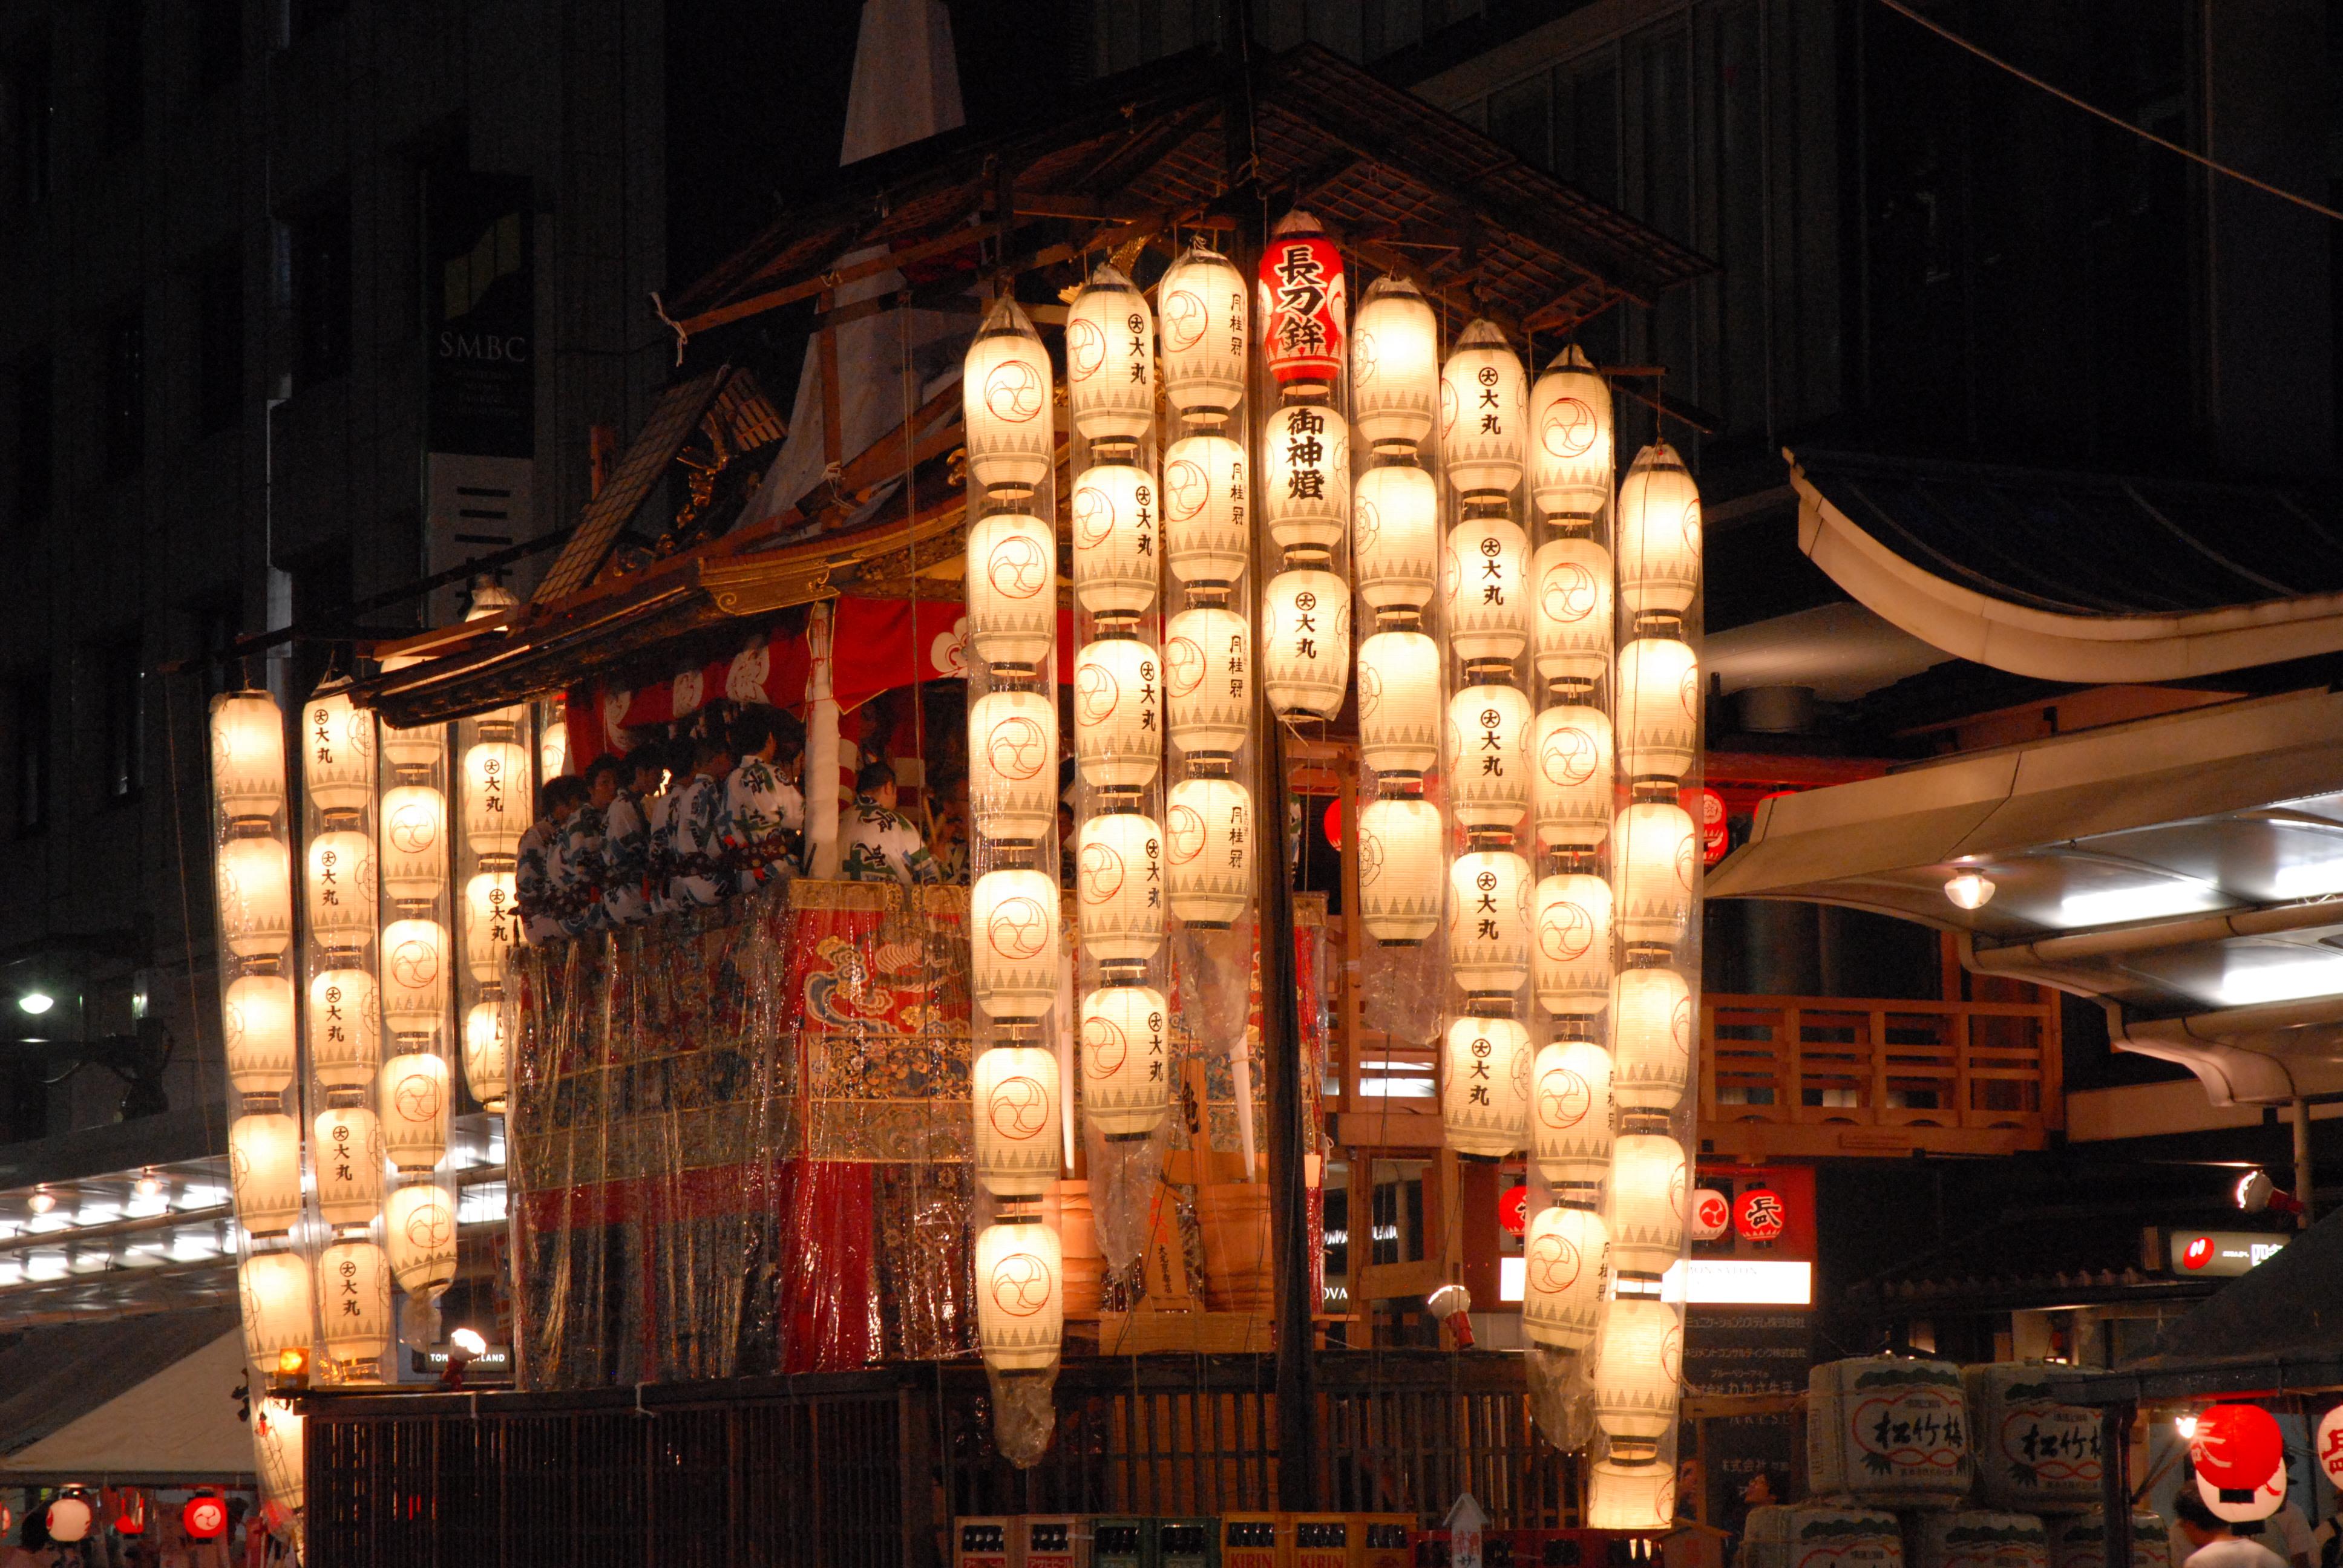 祇园祭 駒形提灯